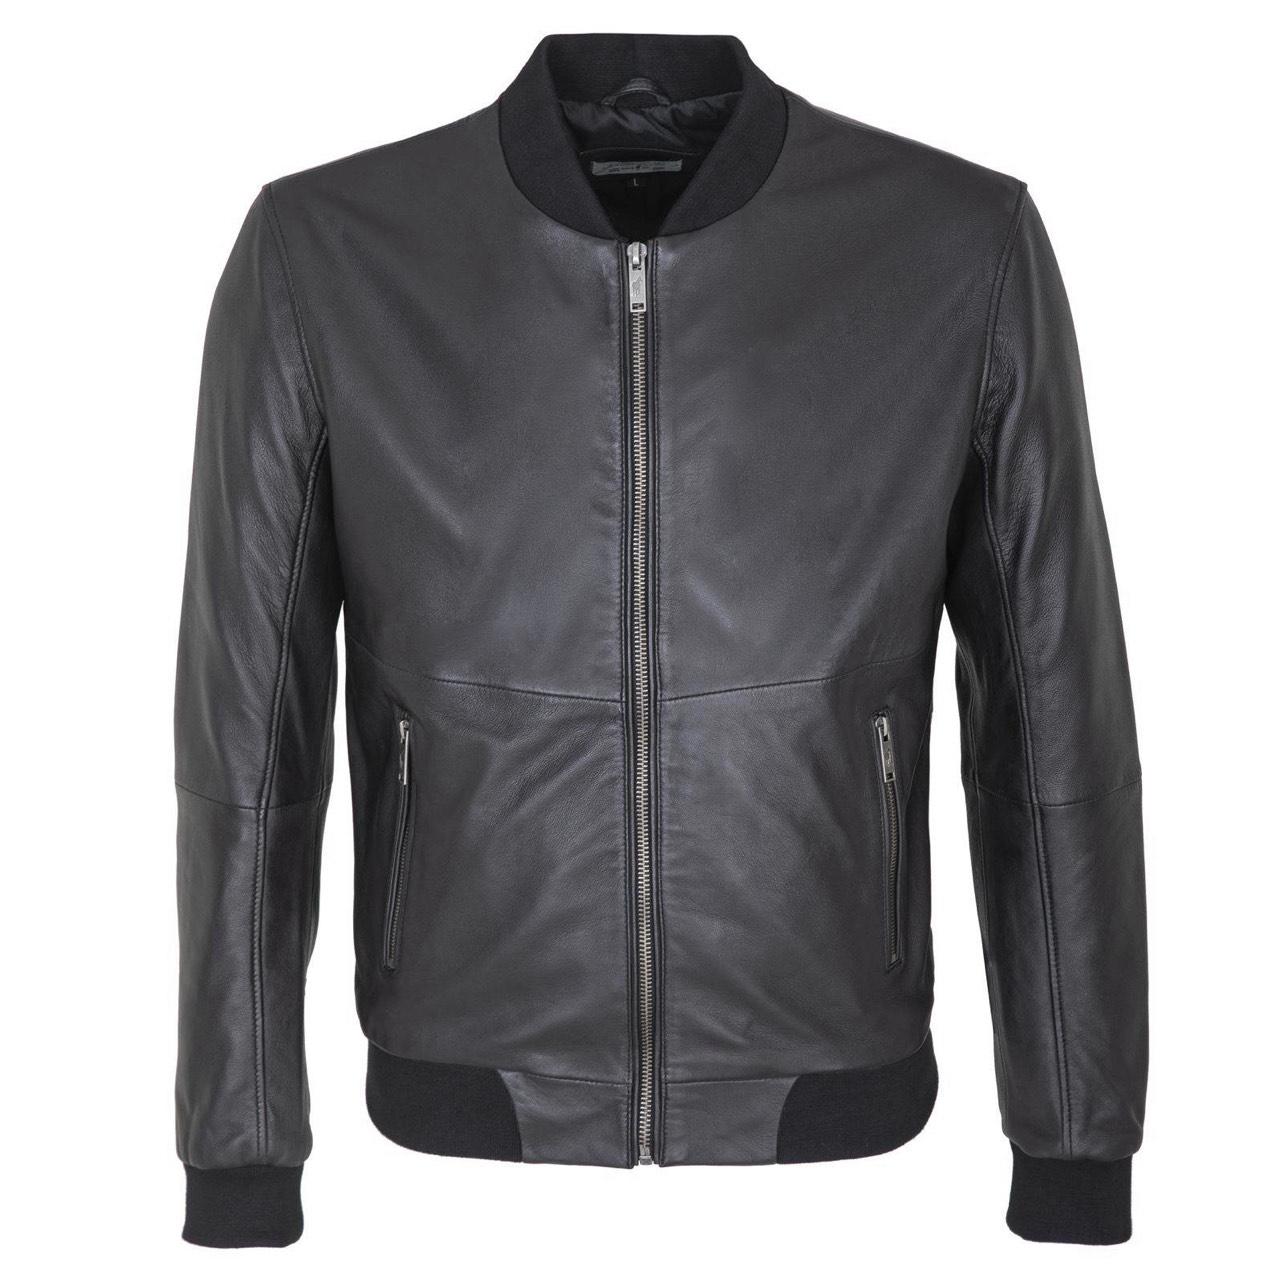 Jusqu'à -75% sur une sélection de vestes en cuir Homme et femme - Ex: Bombers homme Gentleman Farmer